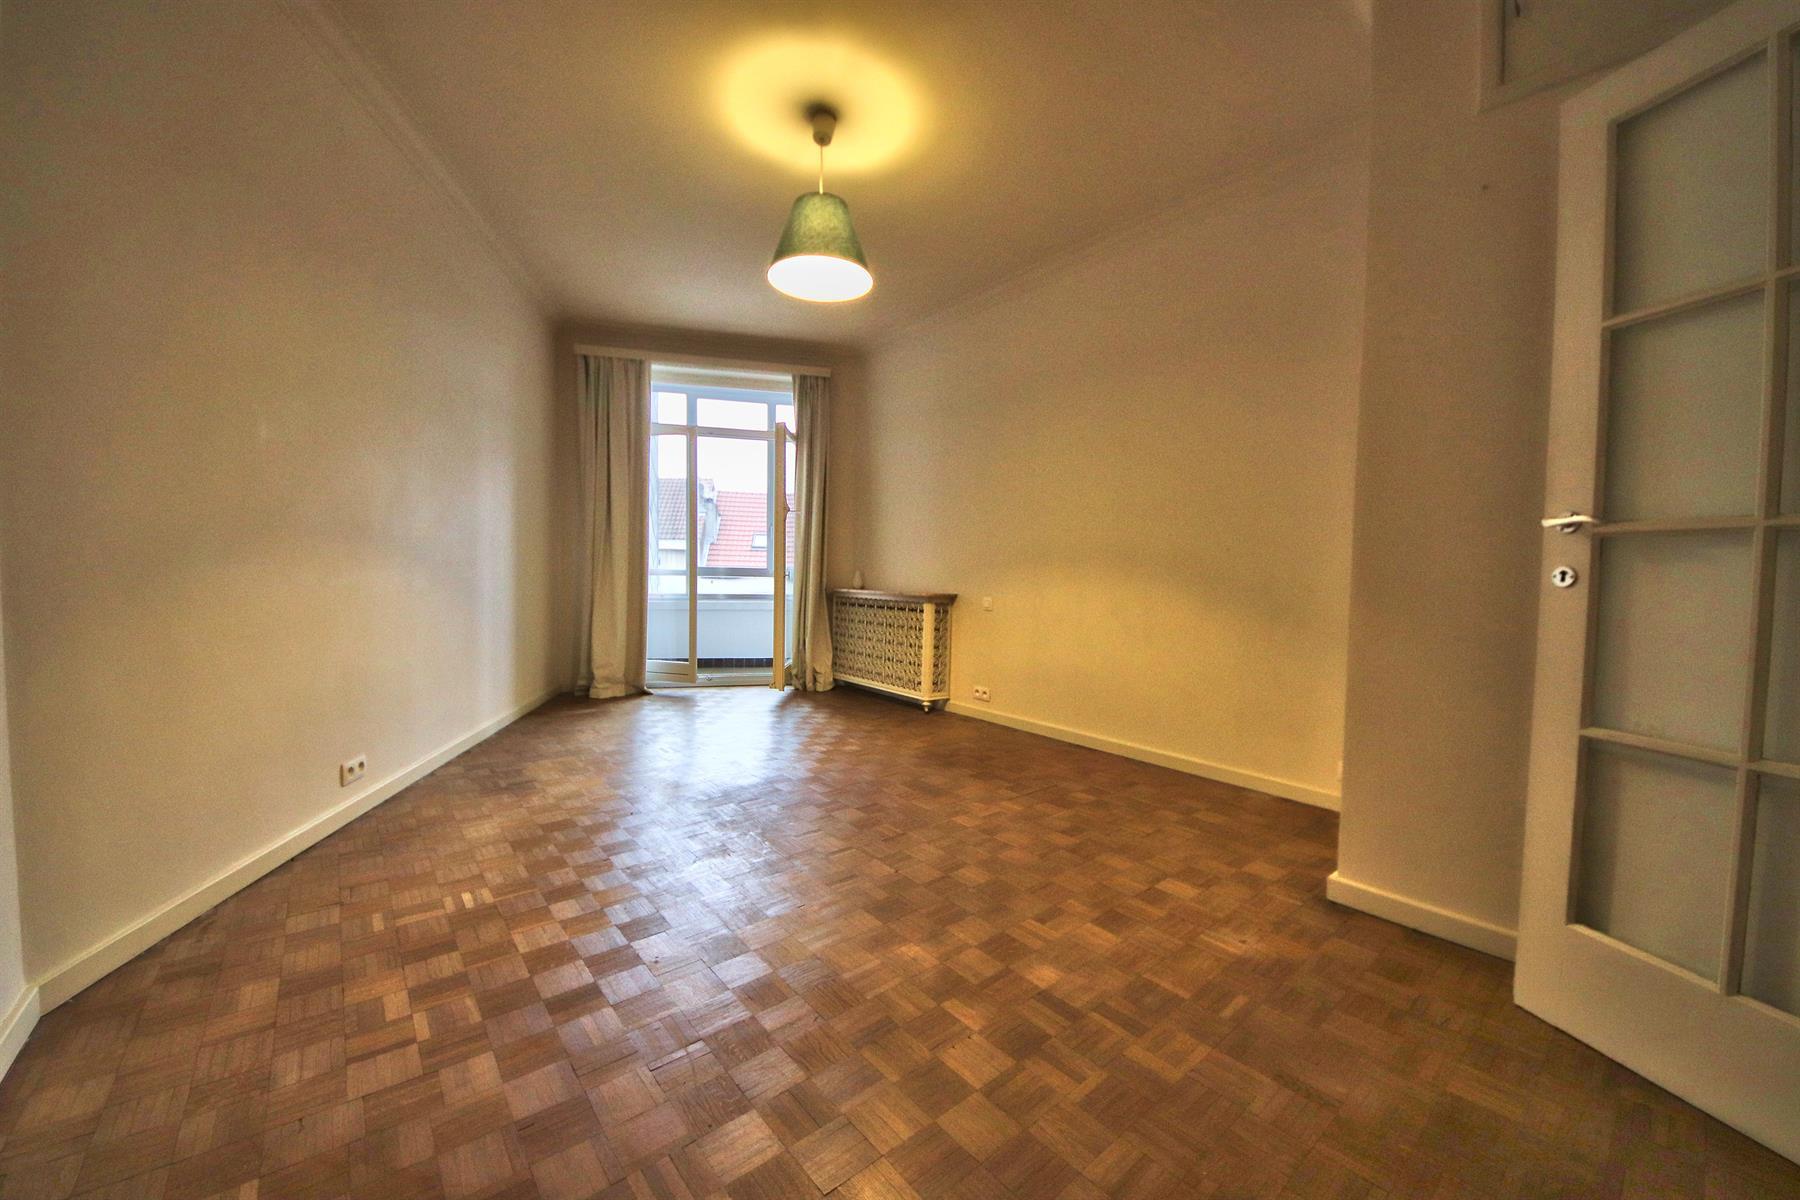 Appartement - Woluwe-Saint-Pierre - #4256600-6